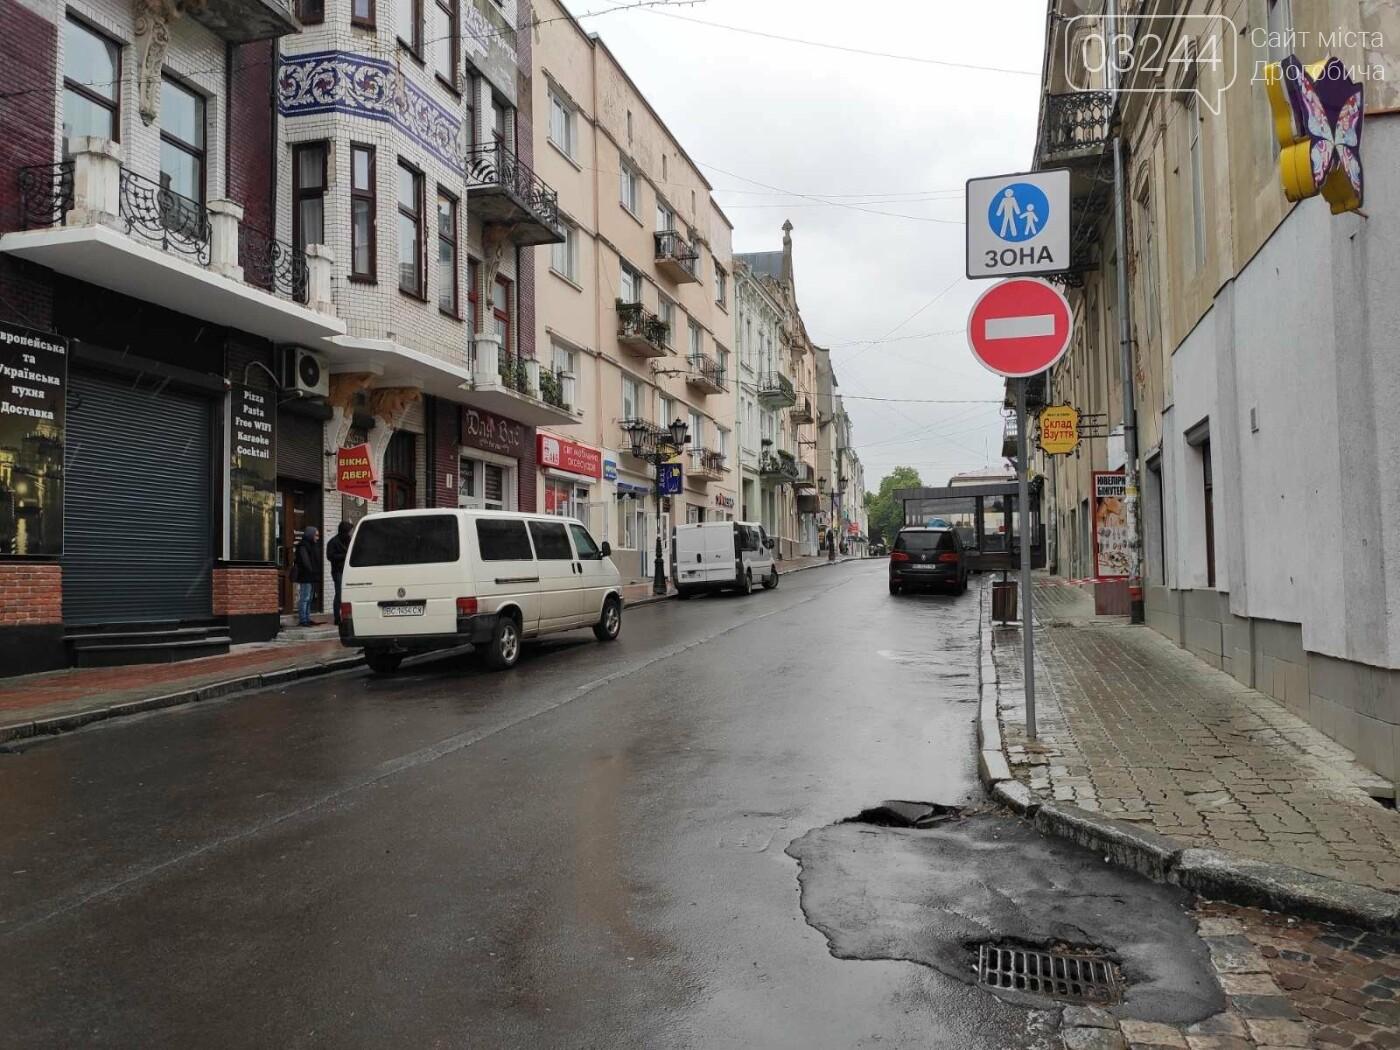 Після запуску платної системи паркування у центрі міста суттєво поменшало машин, - ФОТОРЕПОРТАЖ, фото-2